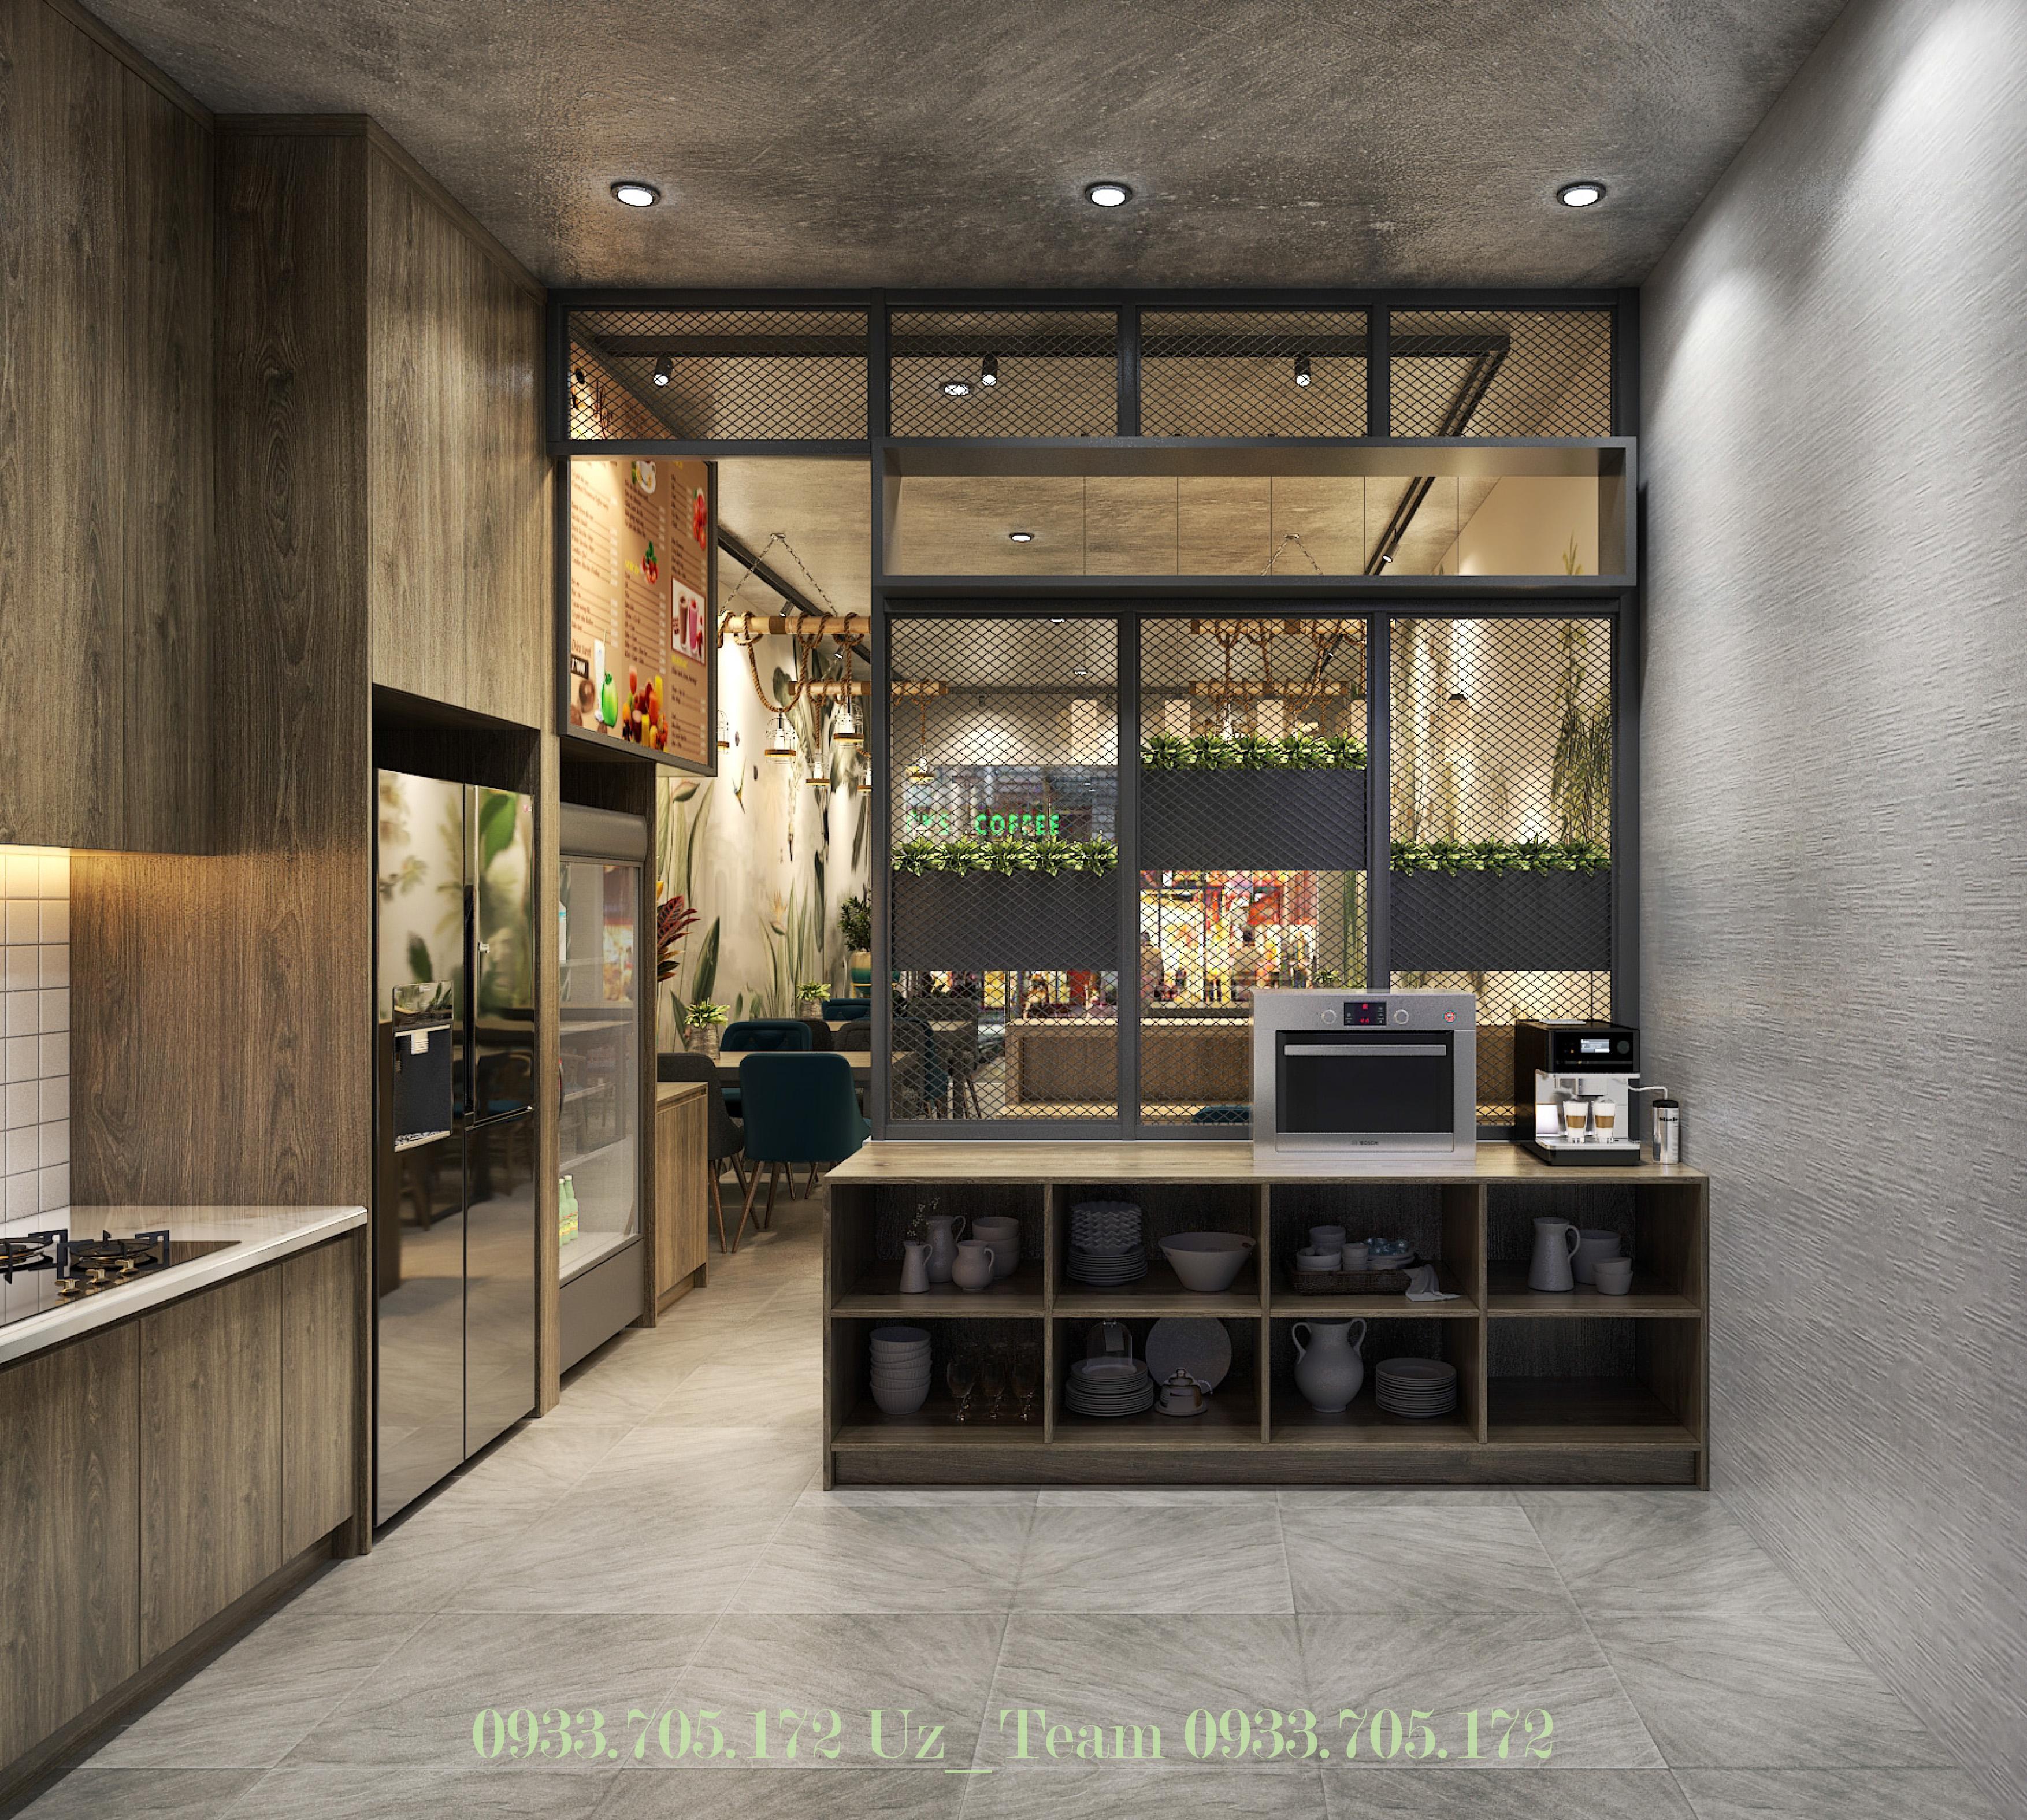 Thiết kế nội thất Cafe tại Hồ Chí Minh COFFEE HOÀNG VĨNH 1634052091 4